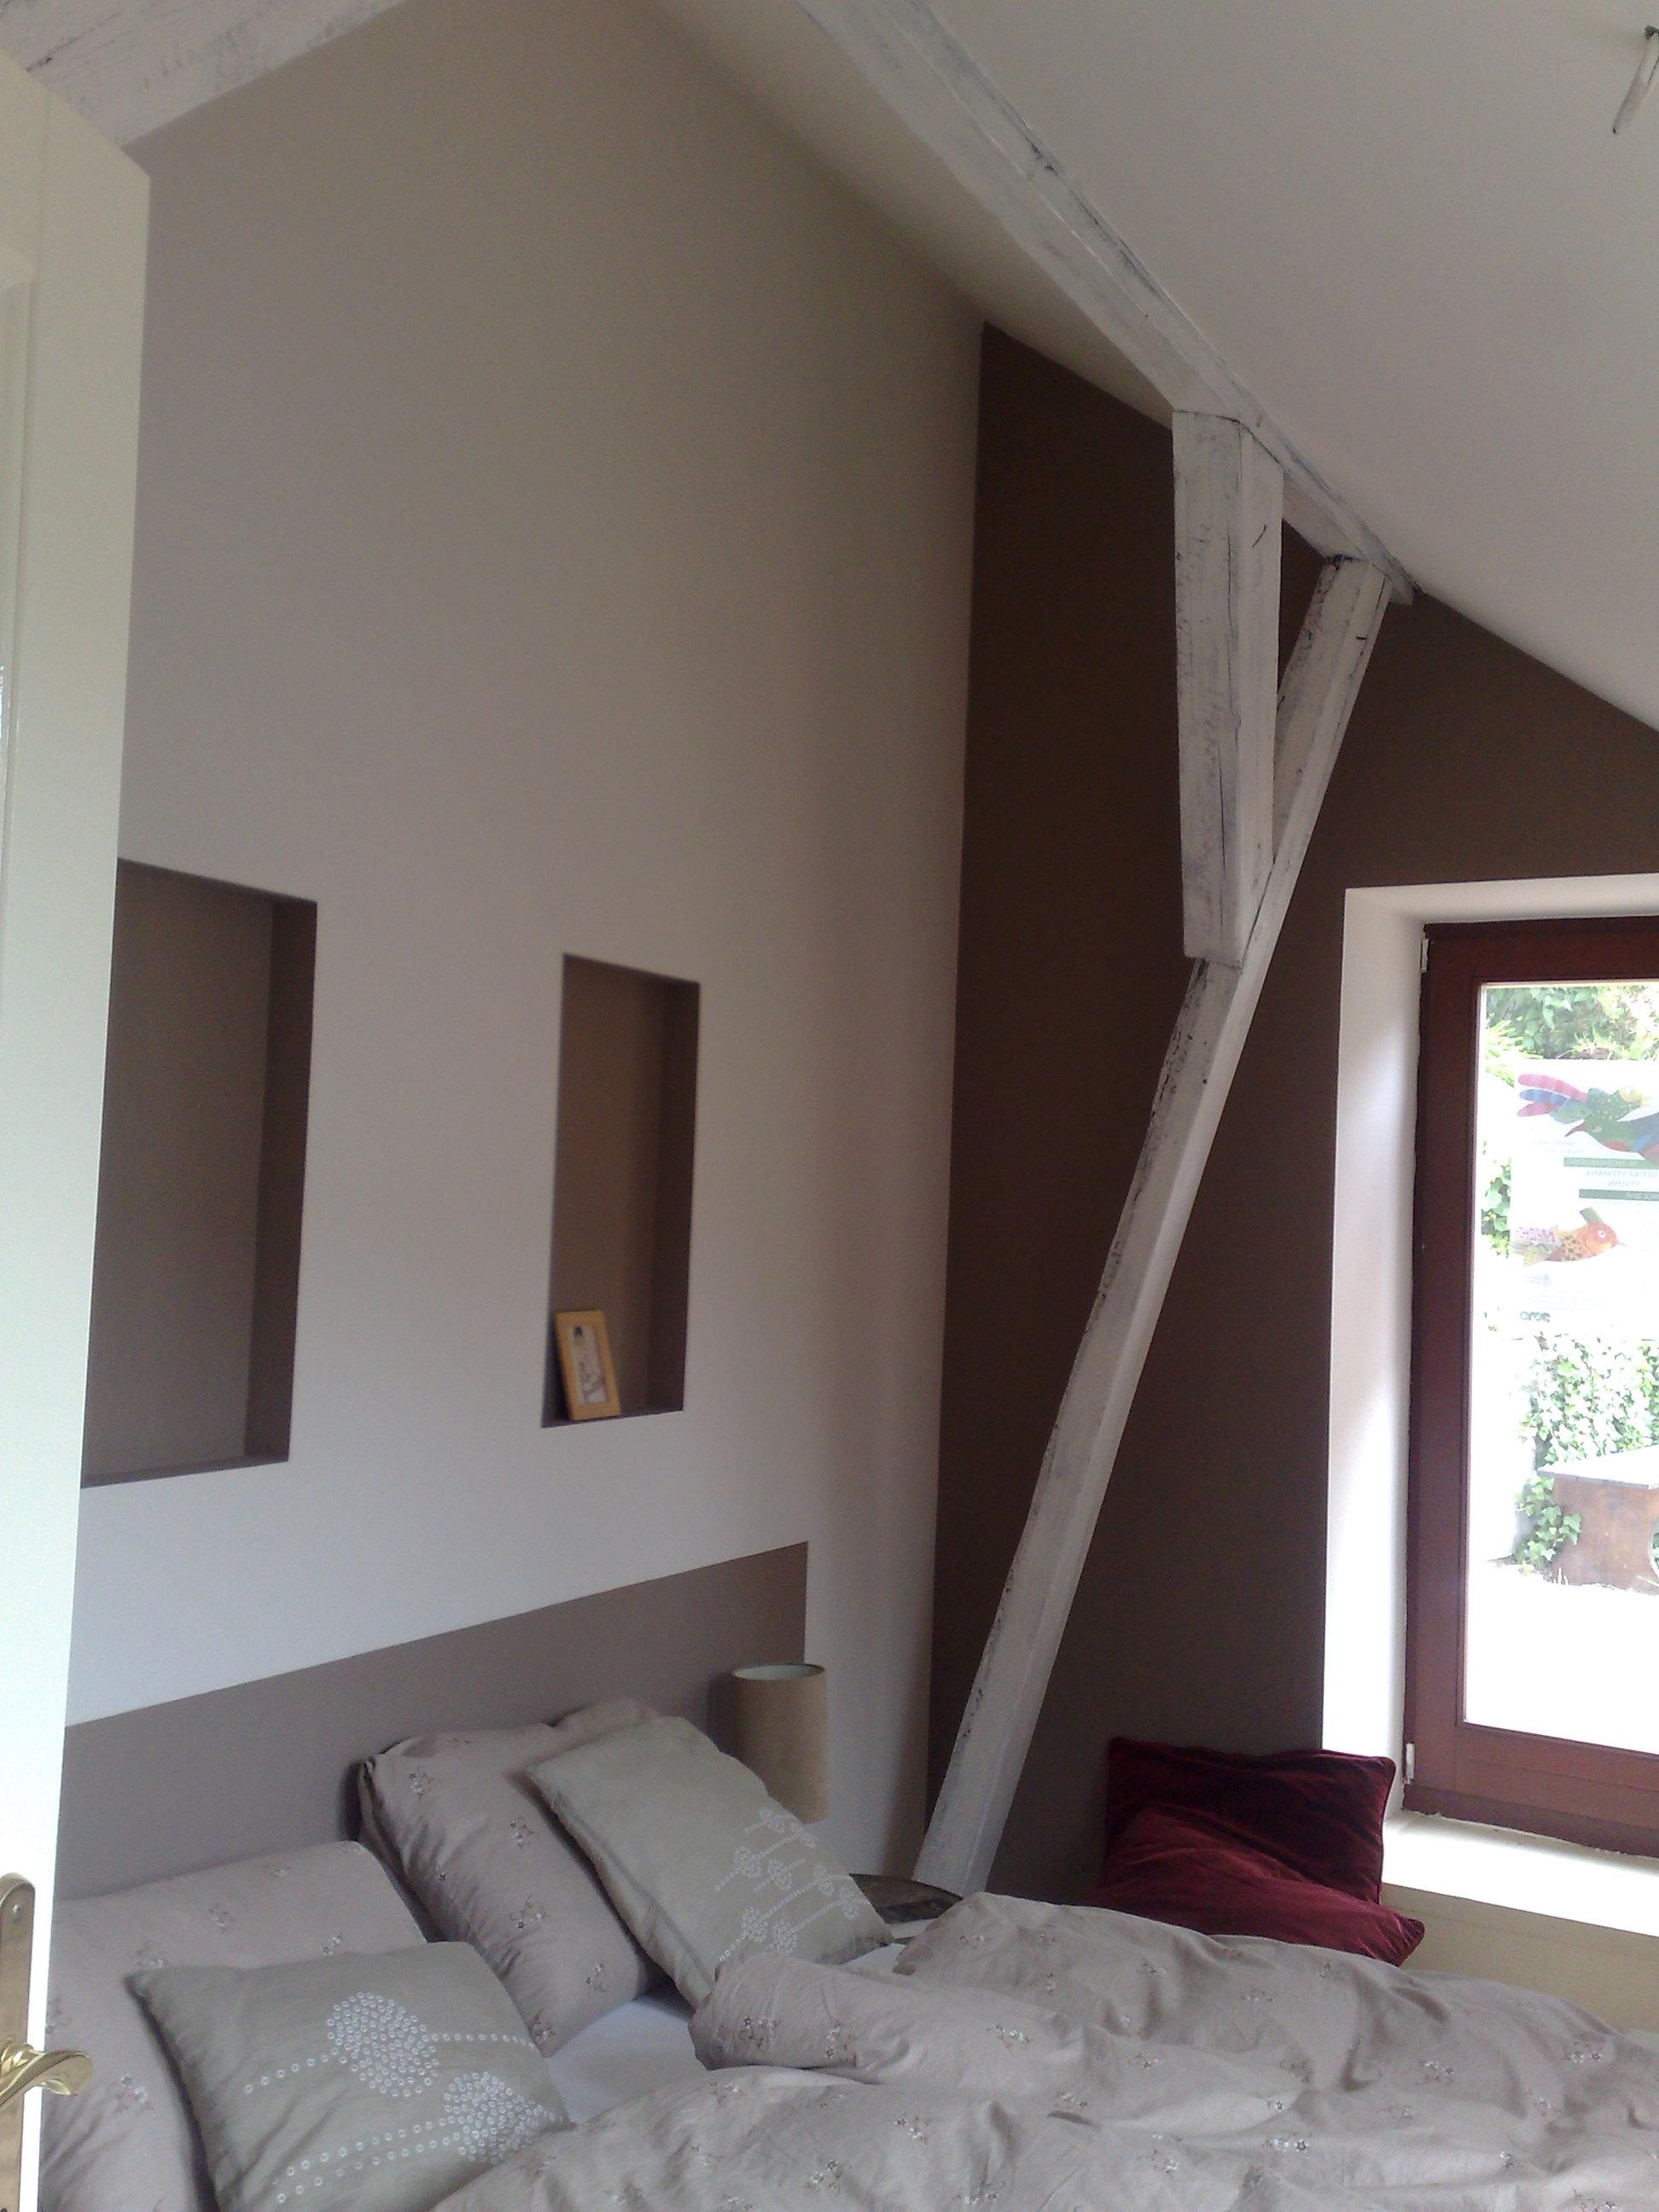 malíři pokojů - malování